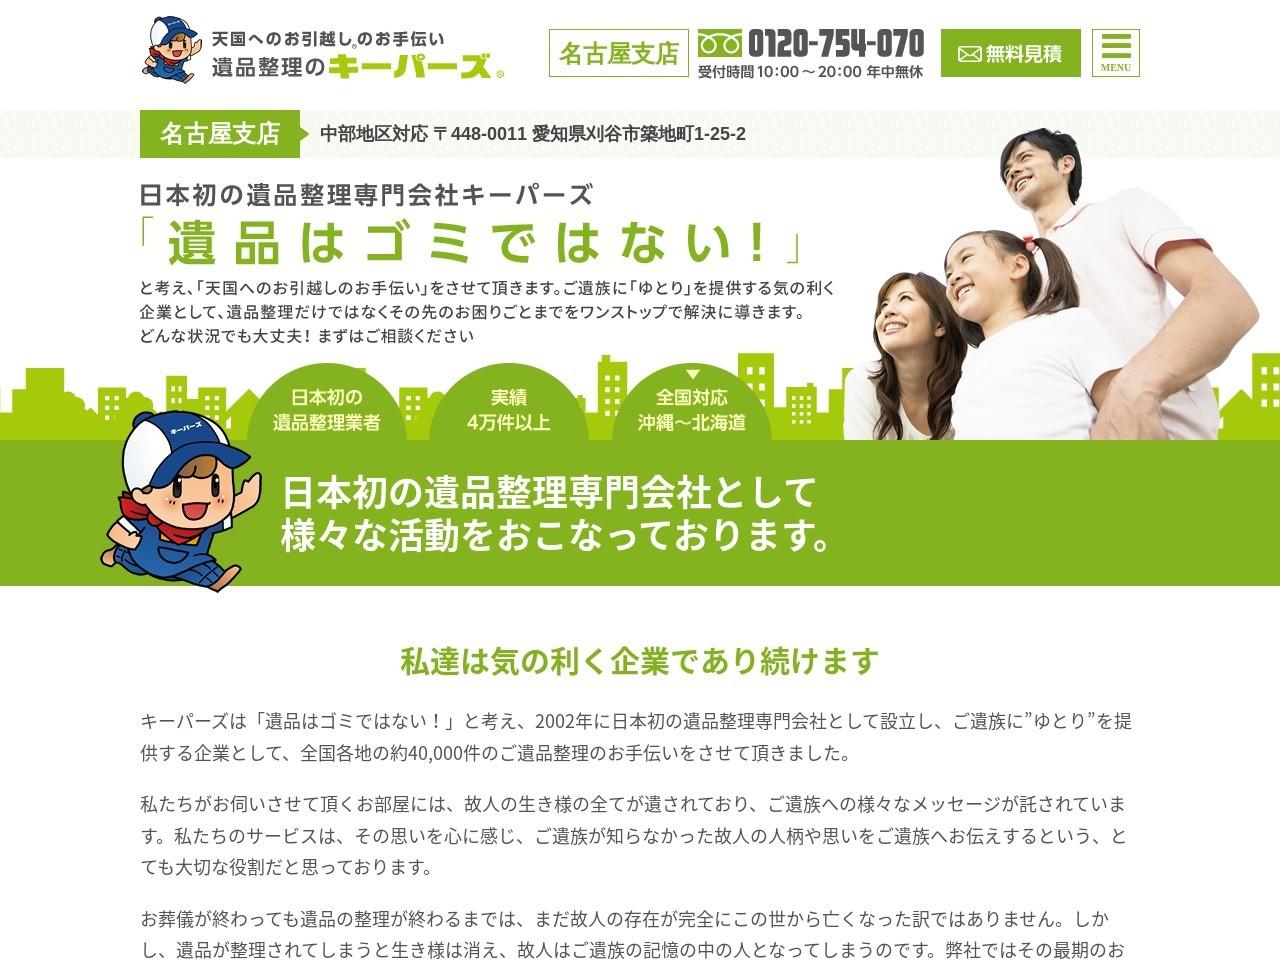 遺品整理 名古屋|天国へのお引越しのお手伝い、遺品処理専門のキーパーズ